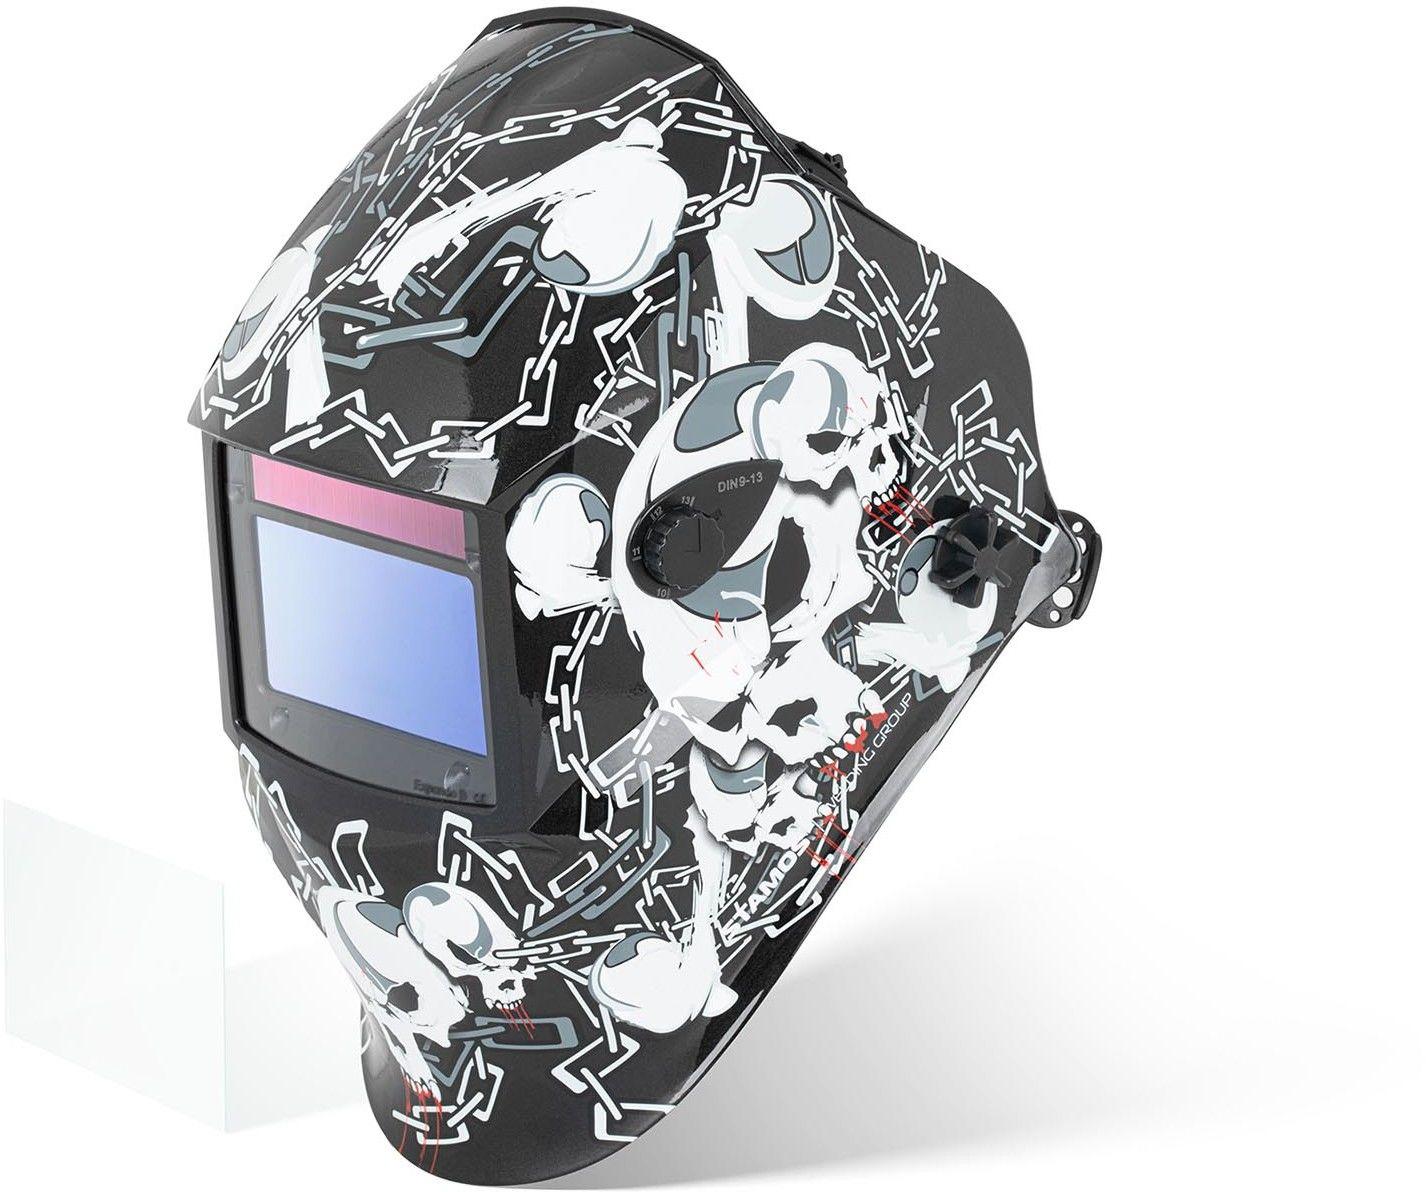 Maska spawalnicza - Black Skull - Advanced - Stamos Welding - Black Skul Advanced Series - 3 lata gwarancji/wysyłka w 24h